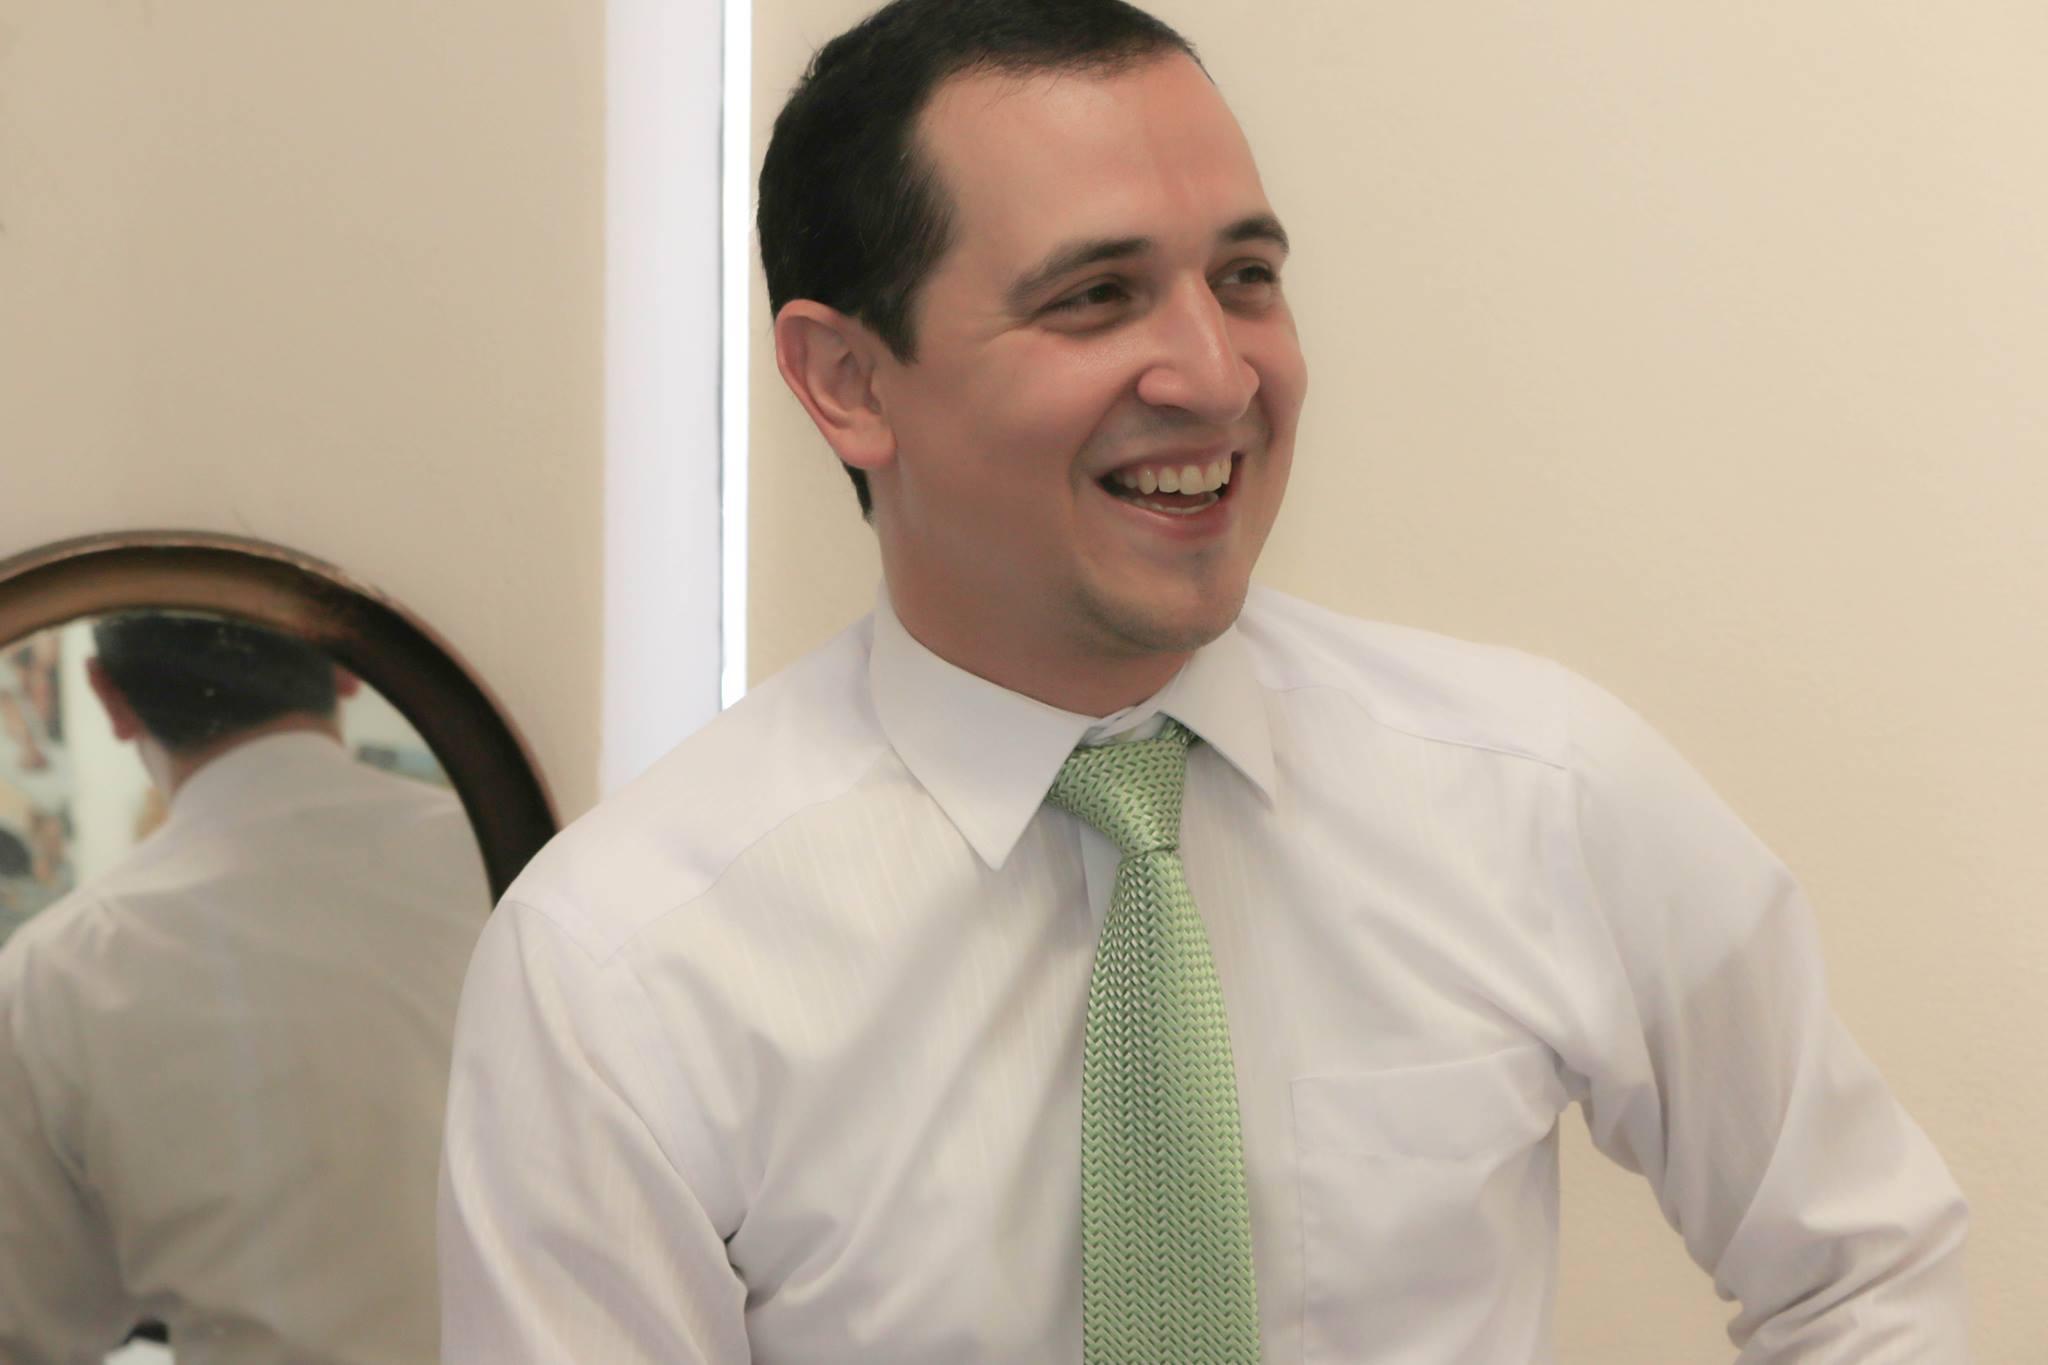 Luis Gallardo